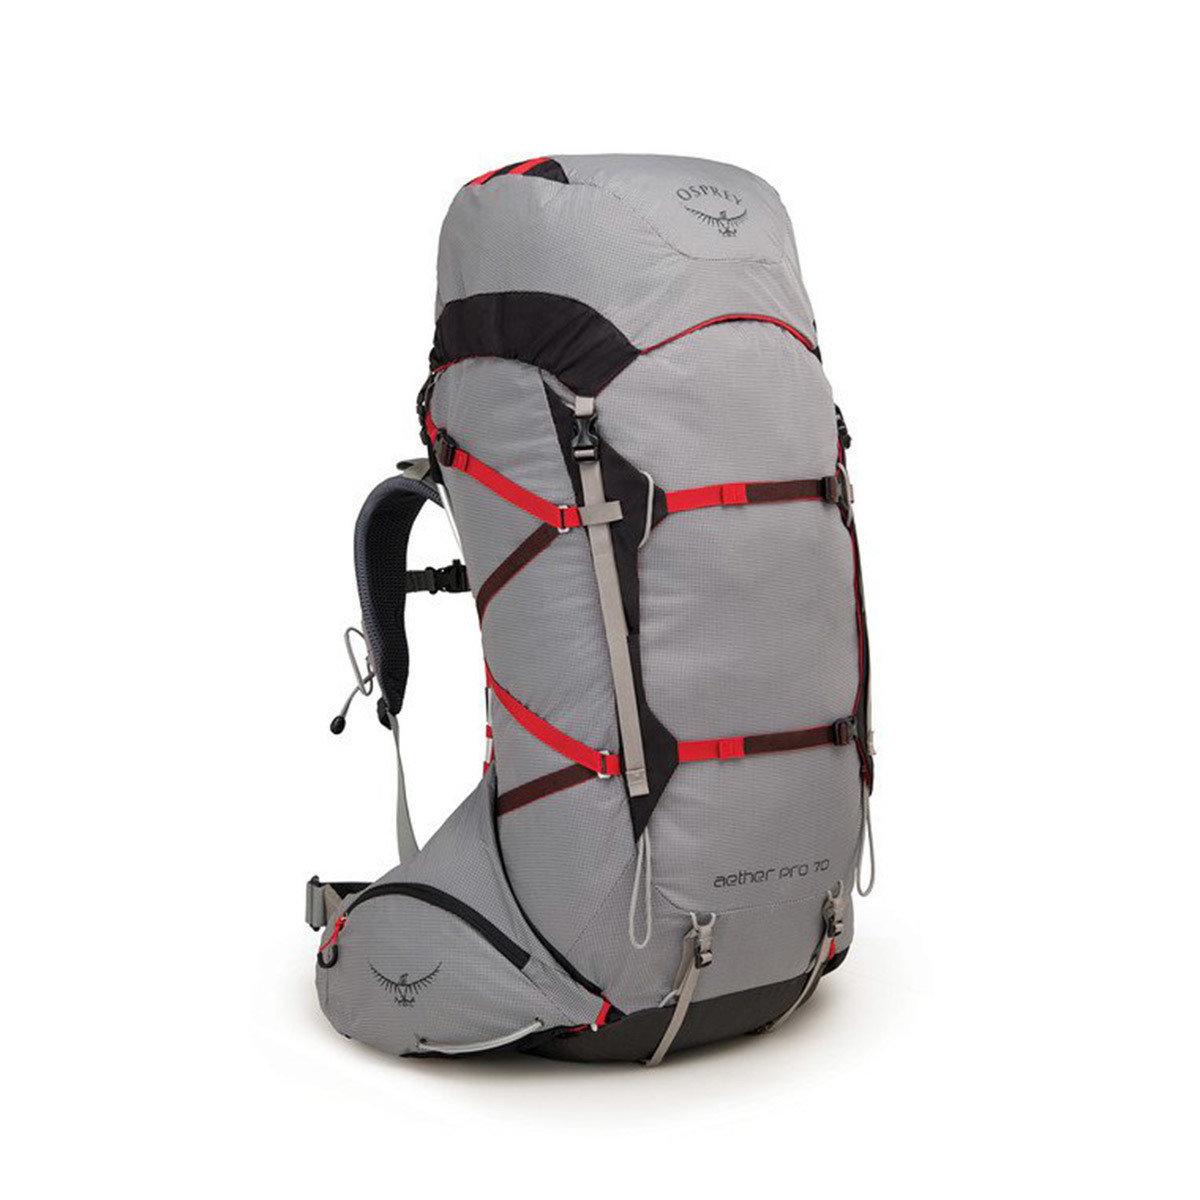 Osprey Aether Pro 70 Backpack JR1OsAePro